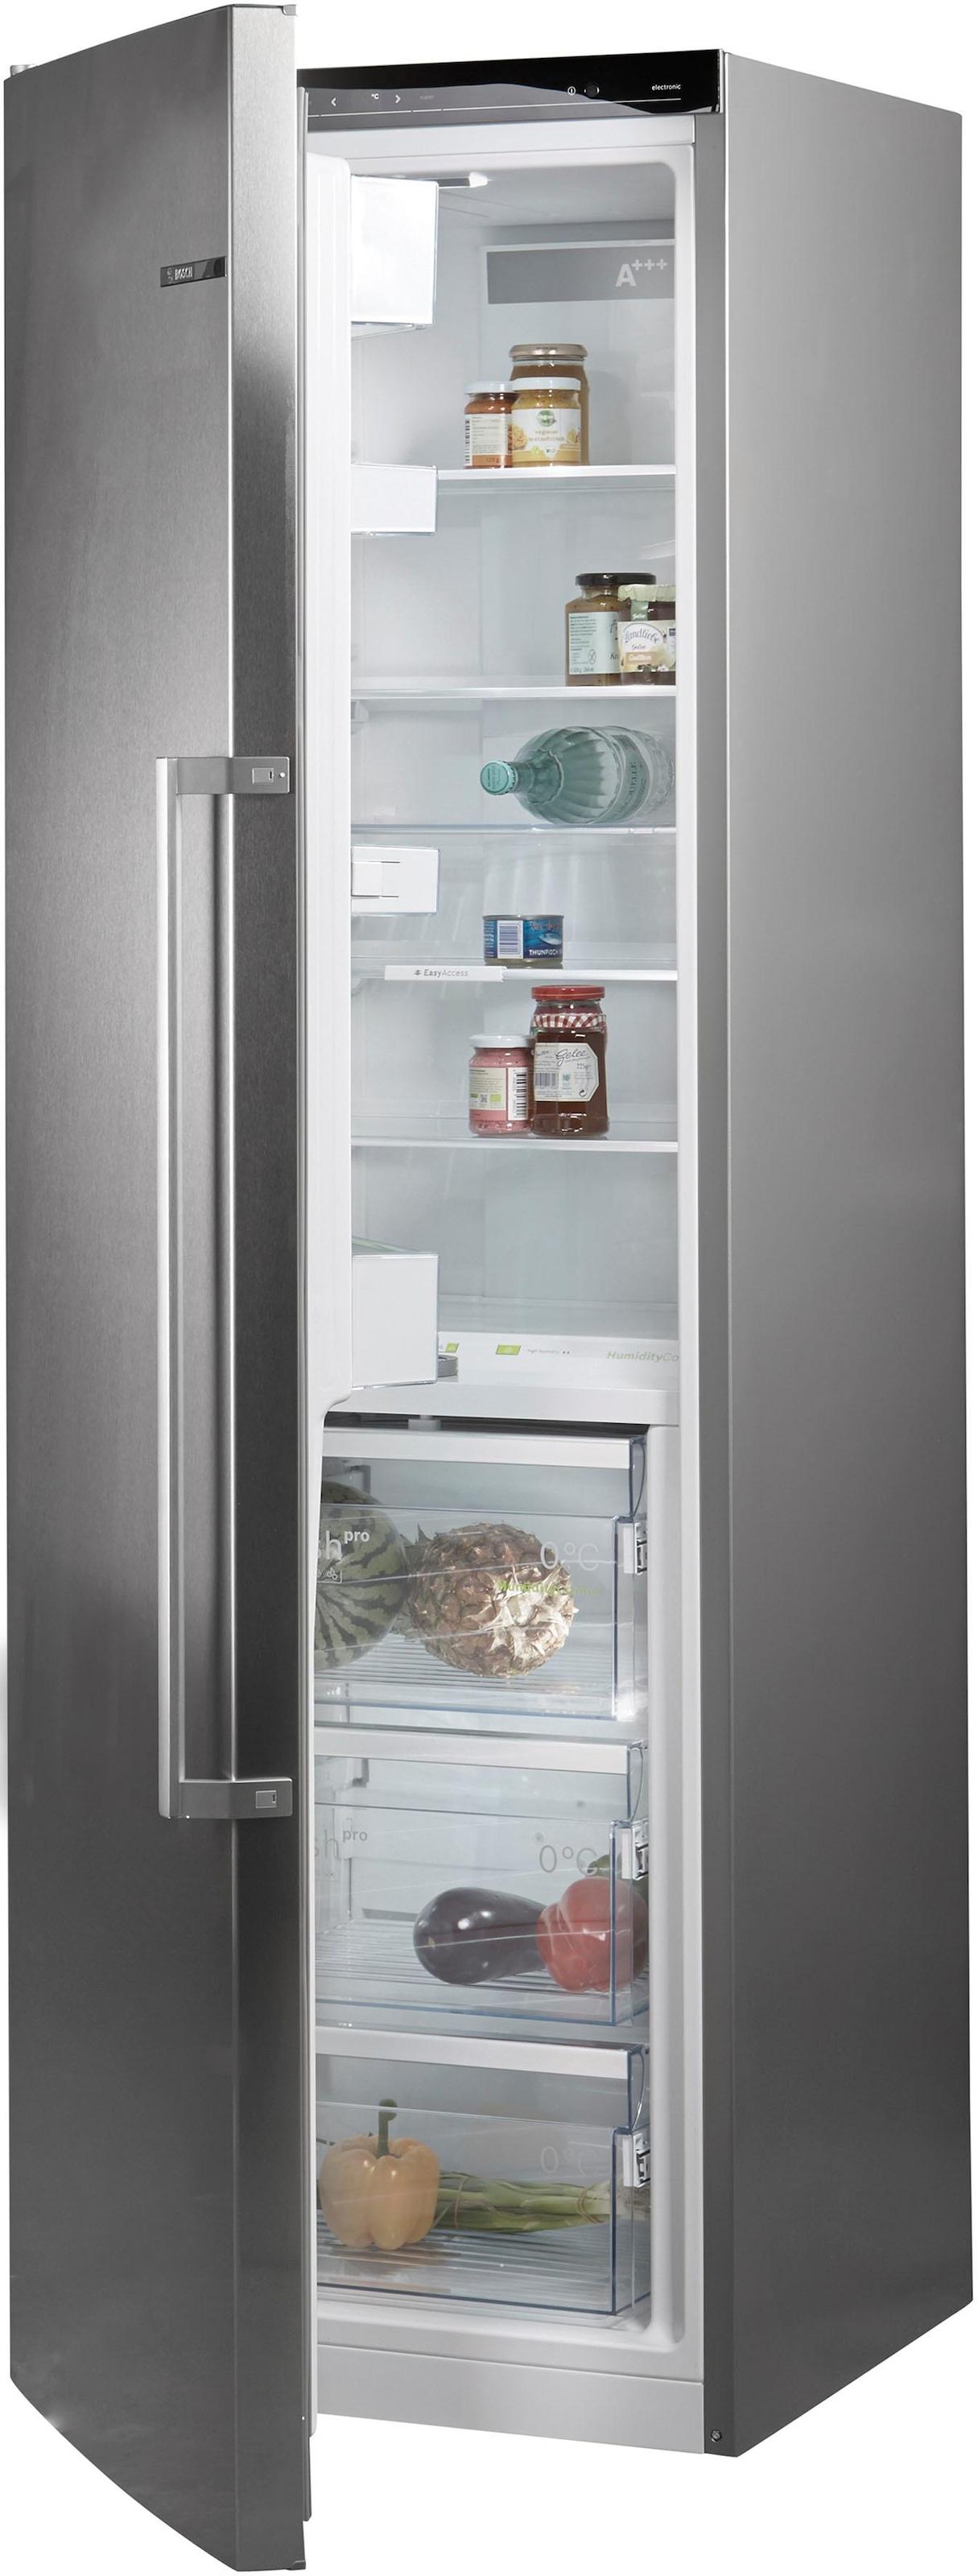 Bosch Kühlschrank Laut : Bosch kühlschränke online shop bosch kühlschränke online kaufen